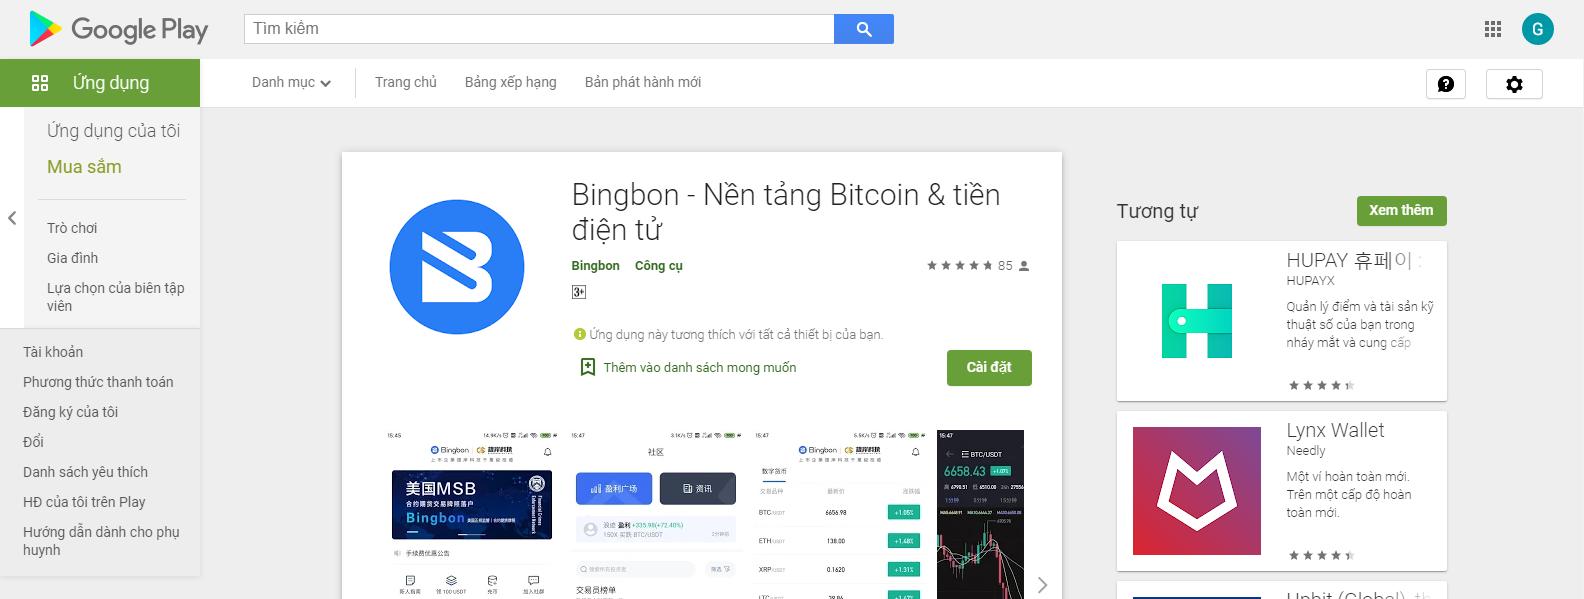 Sàn Bingbon là gì? Hướng dẫn đăng ký tài khoản sàn Bingbon mới nhất